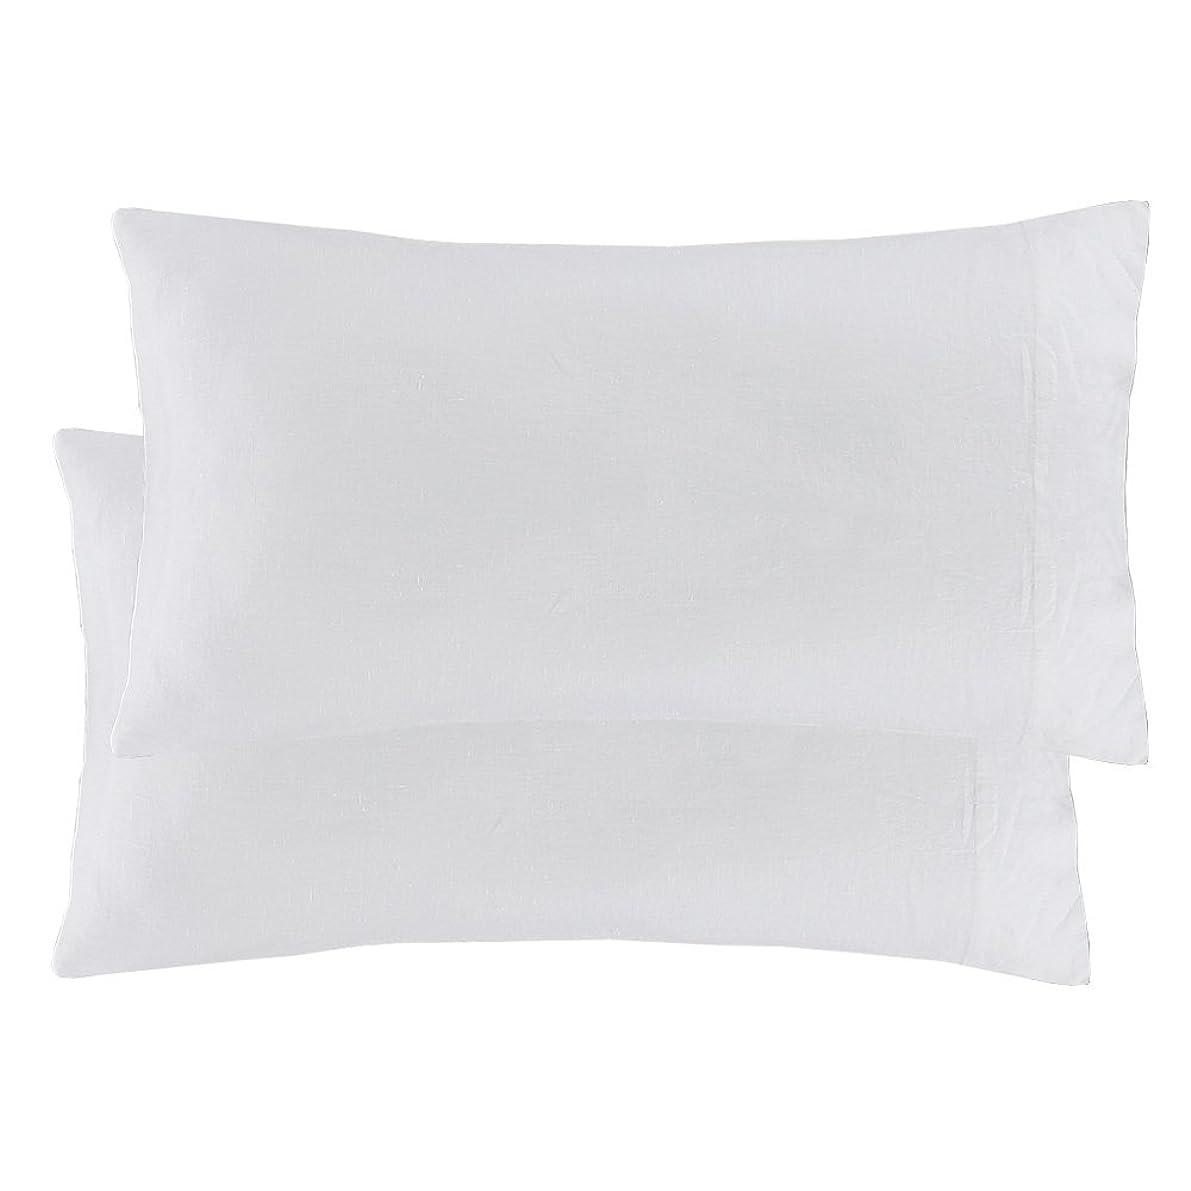 Echelon Home Washed Belgian Linen Cases, Standard, Eggshell White